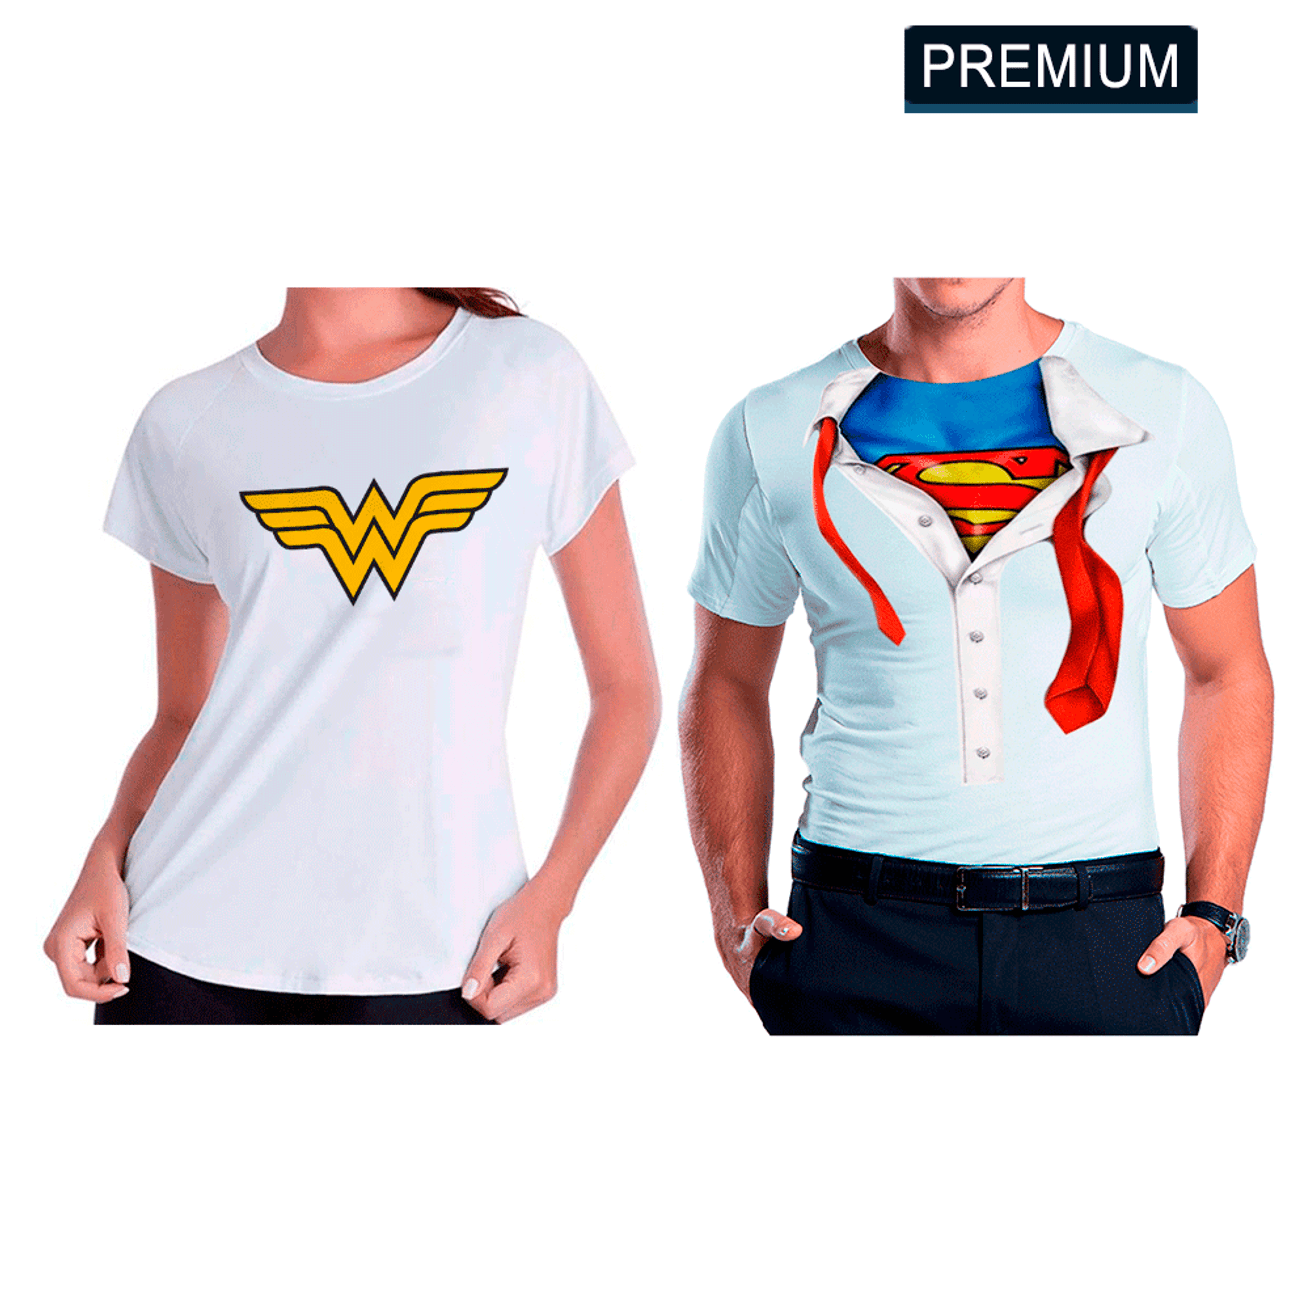 e54ea303e1f9 Camiseta para Sublimação Branca - Premium